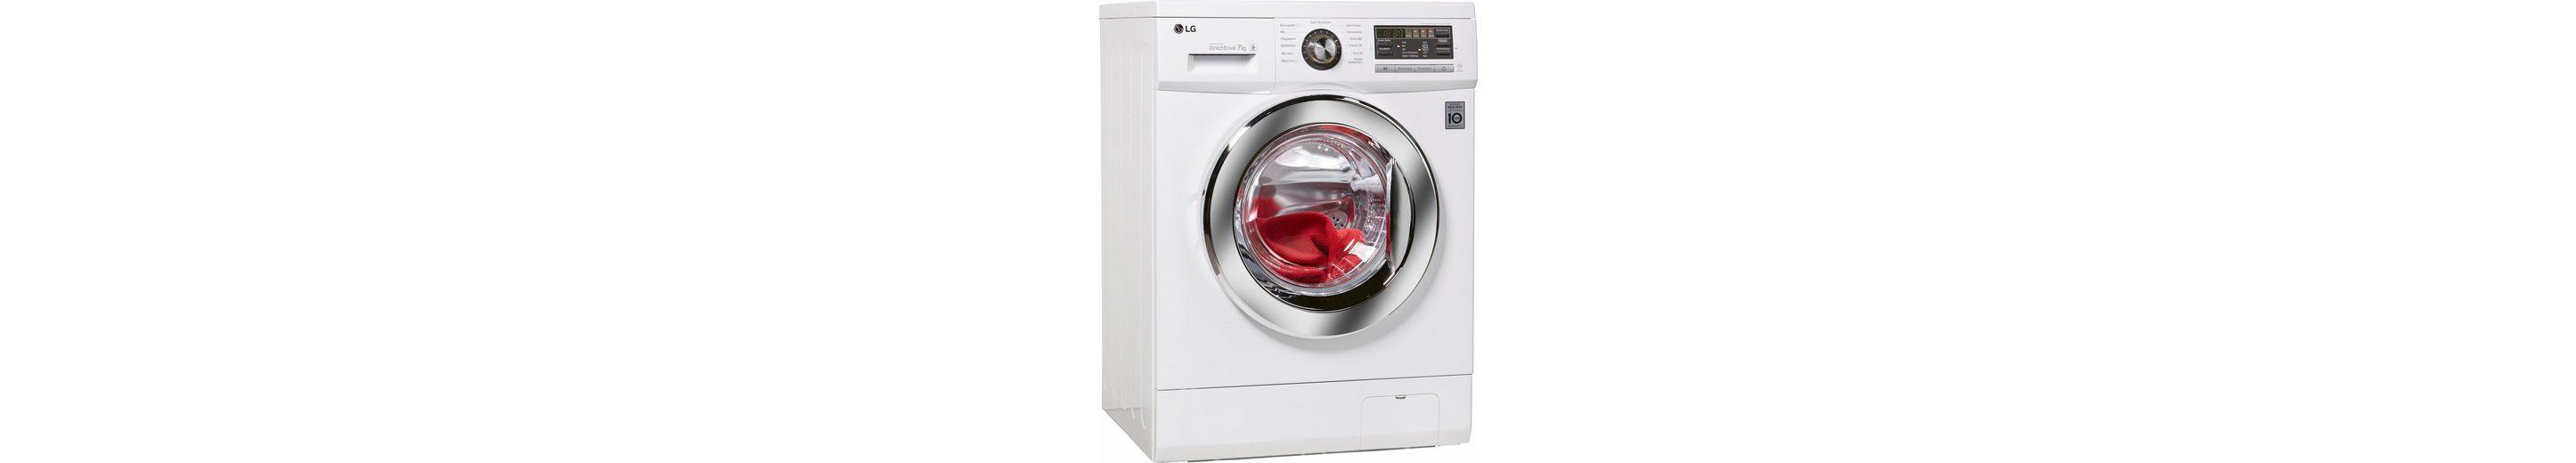 LG Waschmaschine F1496QD3H, A+++, 7 kg, 1400 U/Min